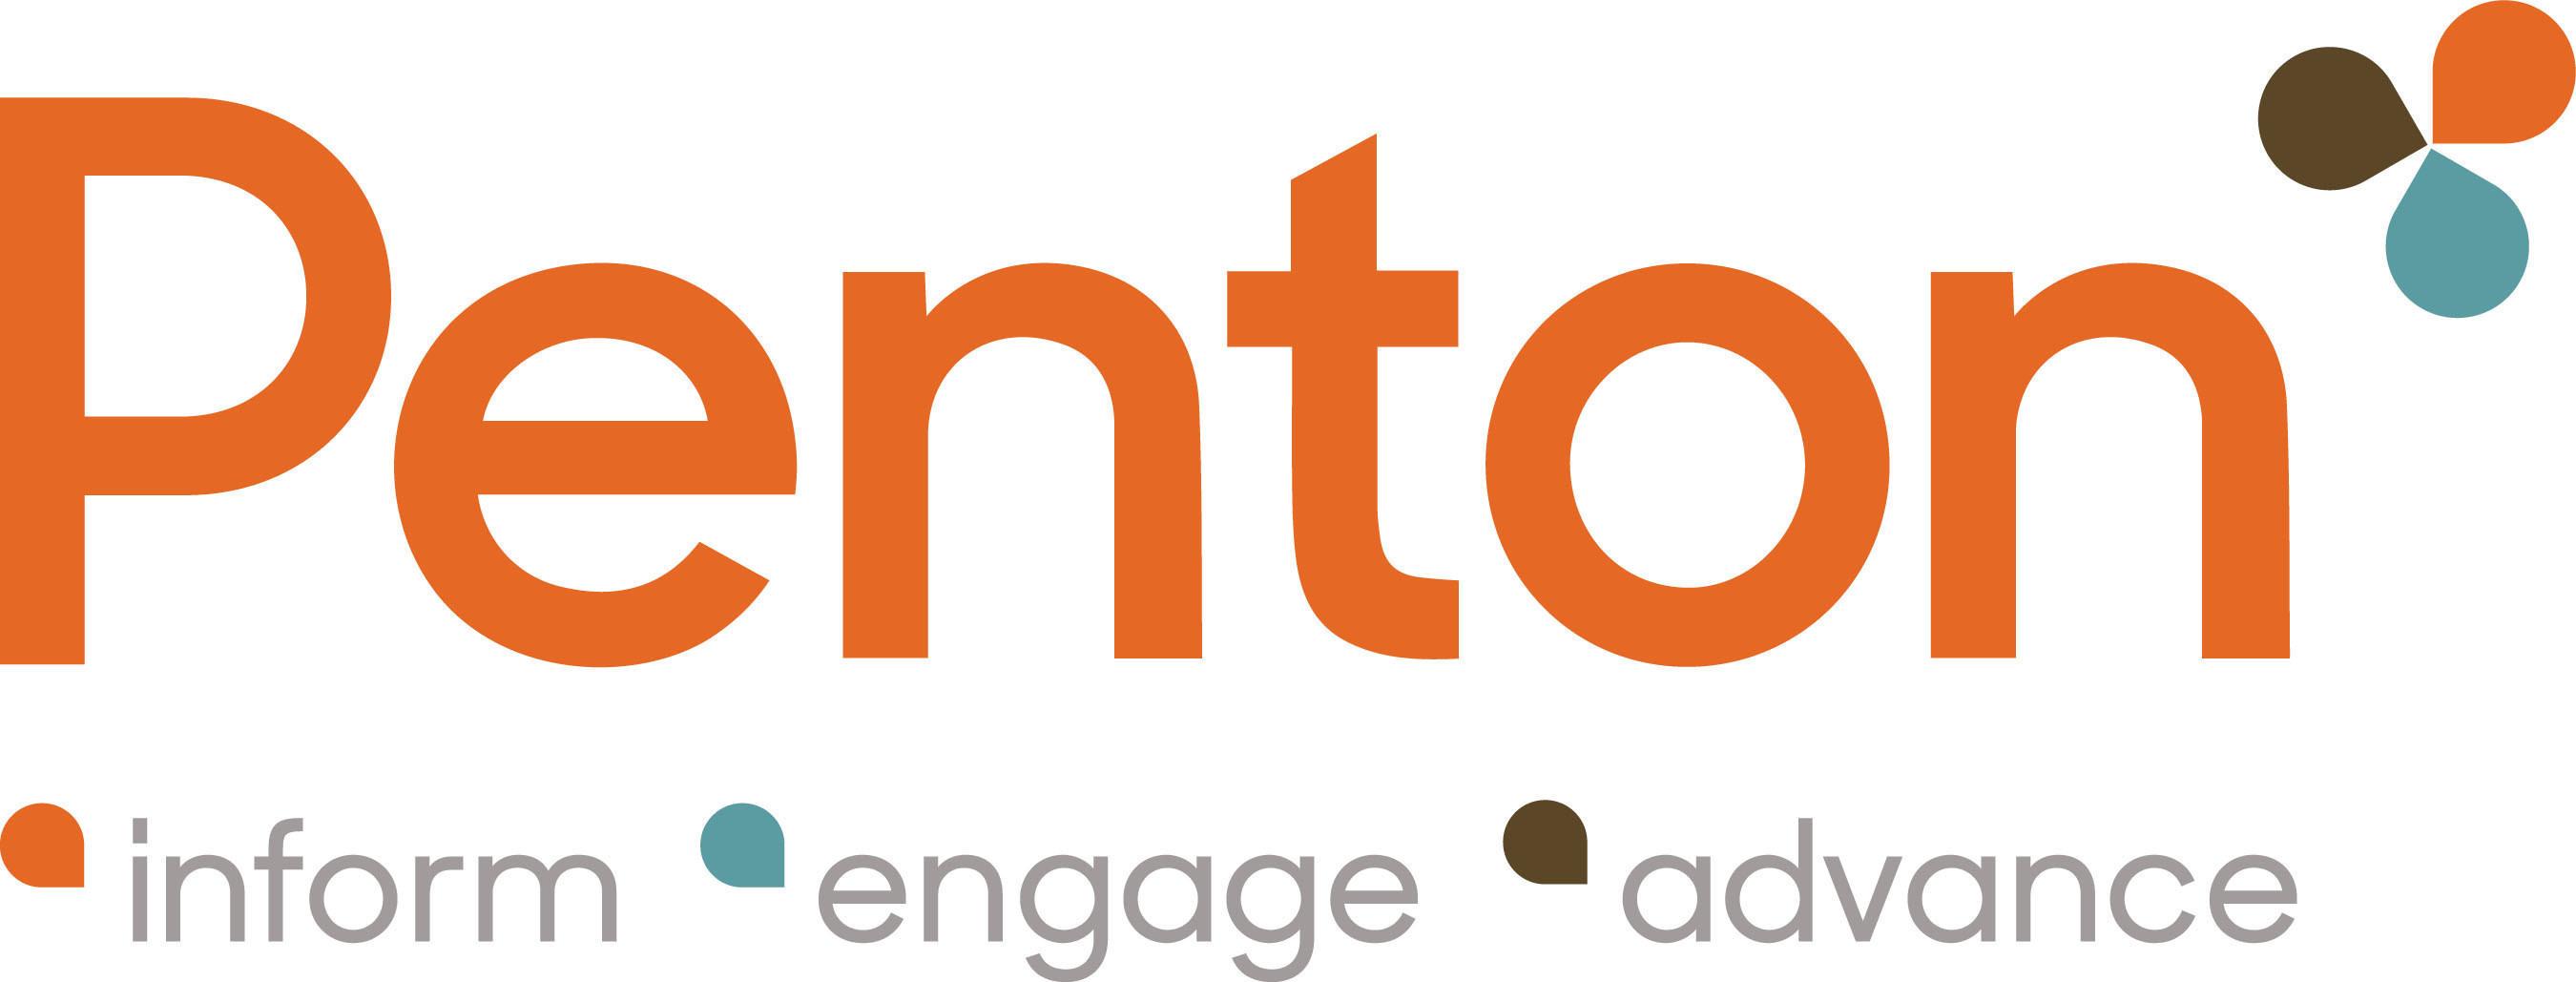 Penton Announces SourceESB Pro Plus as Latest Advancement to Penton's Data Services Offering